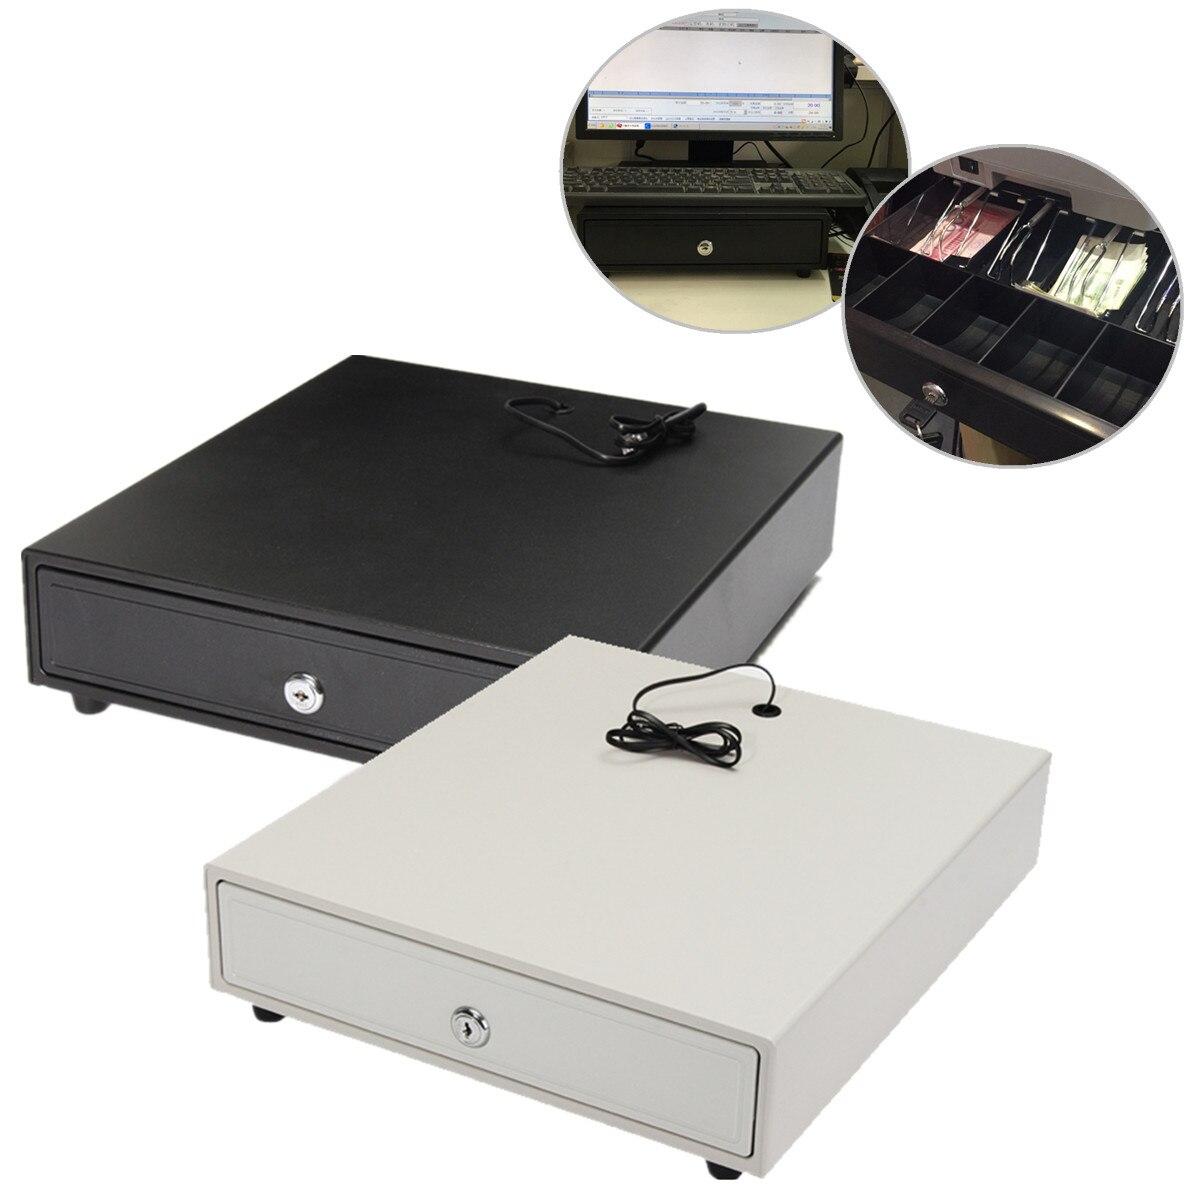 Tiroir-caisse lourd POS Register RJ-11 serrure à clé avec 4 pièces de monnaie 5 plateaux blanc/noir amovible 4 billets 5 pièces de monnaie